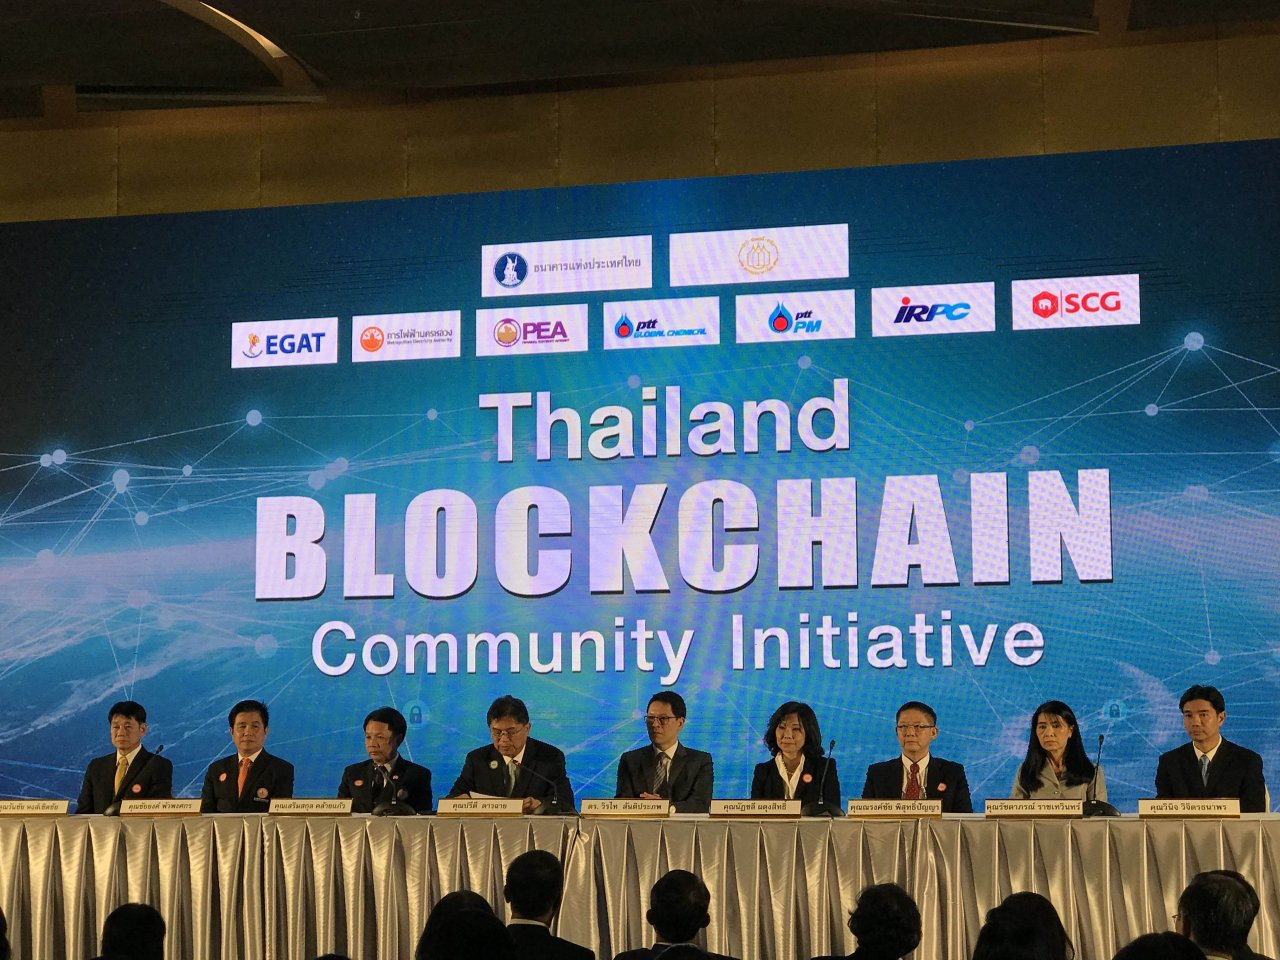 cartas-de-crédito-corporaciones-tailandesas